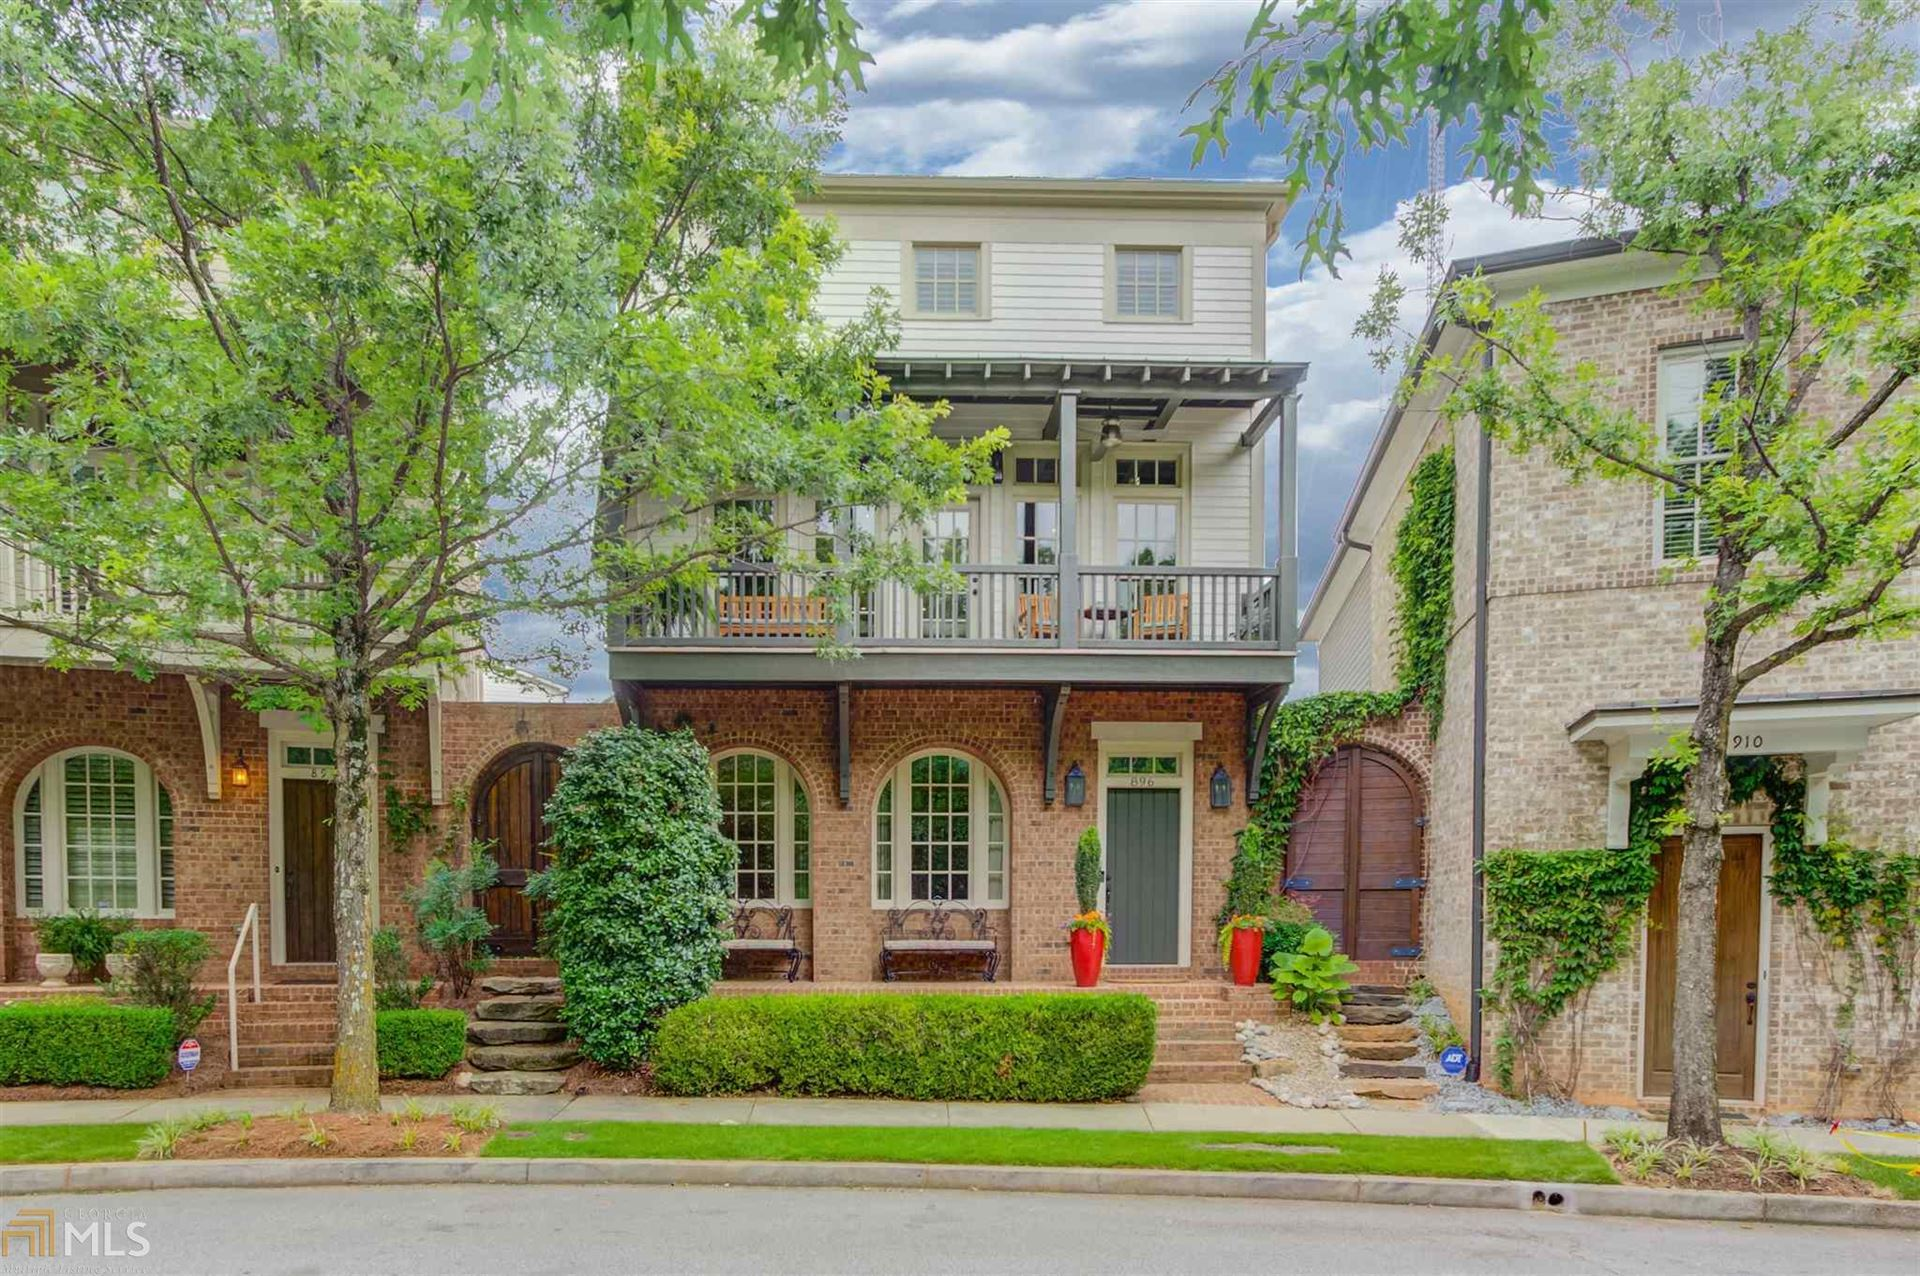 896 Glenwood Park Dr, Atlanta, GA 30316 - #: 8815295